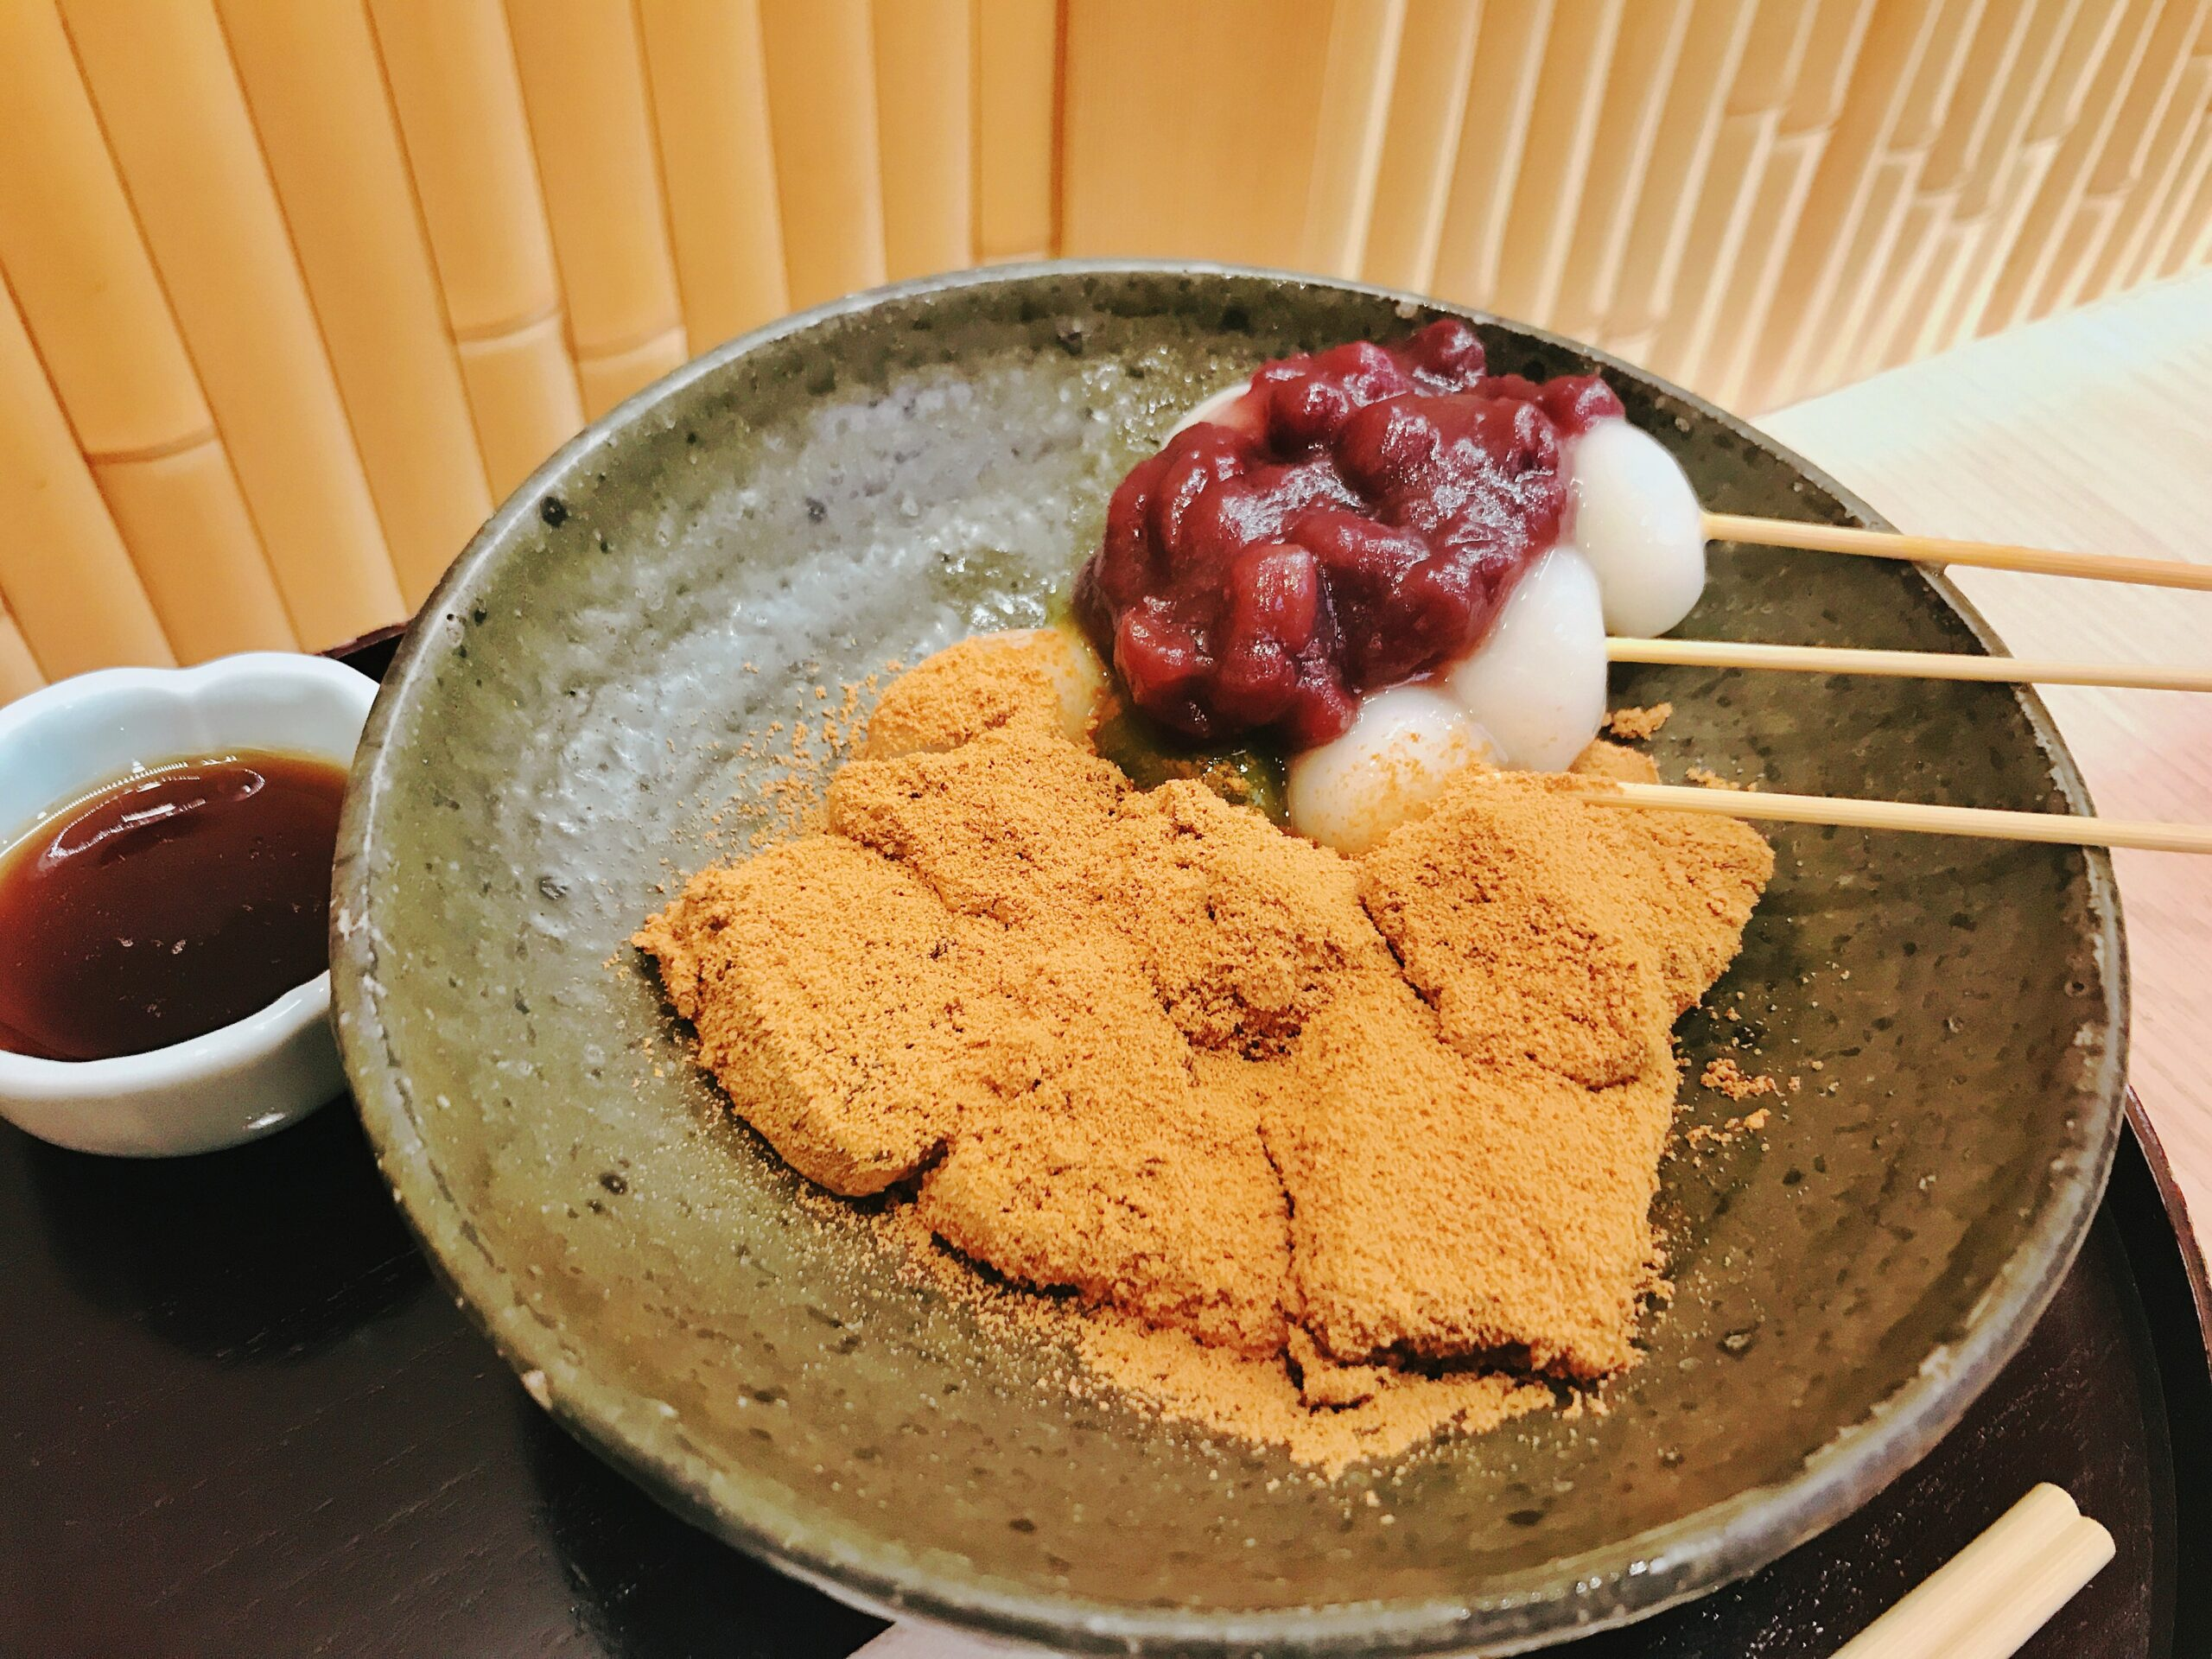 和菓子さん、日本人の体質に合っていることが一般人にバレ始める